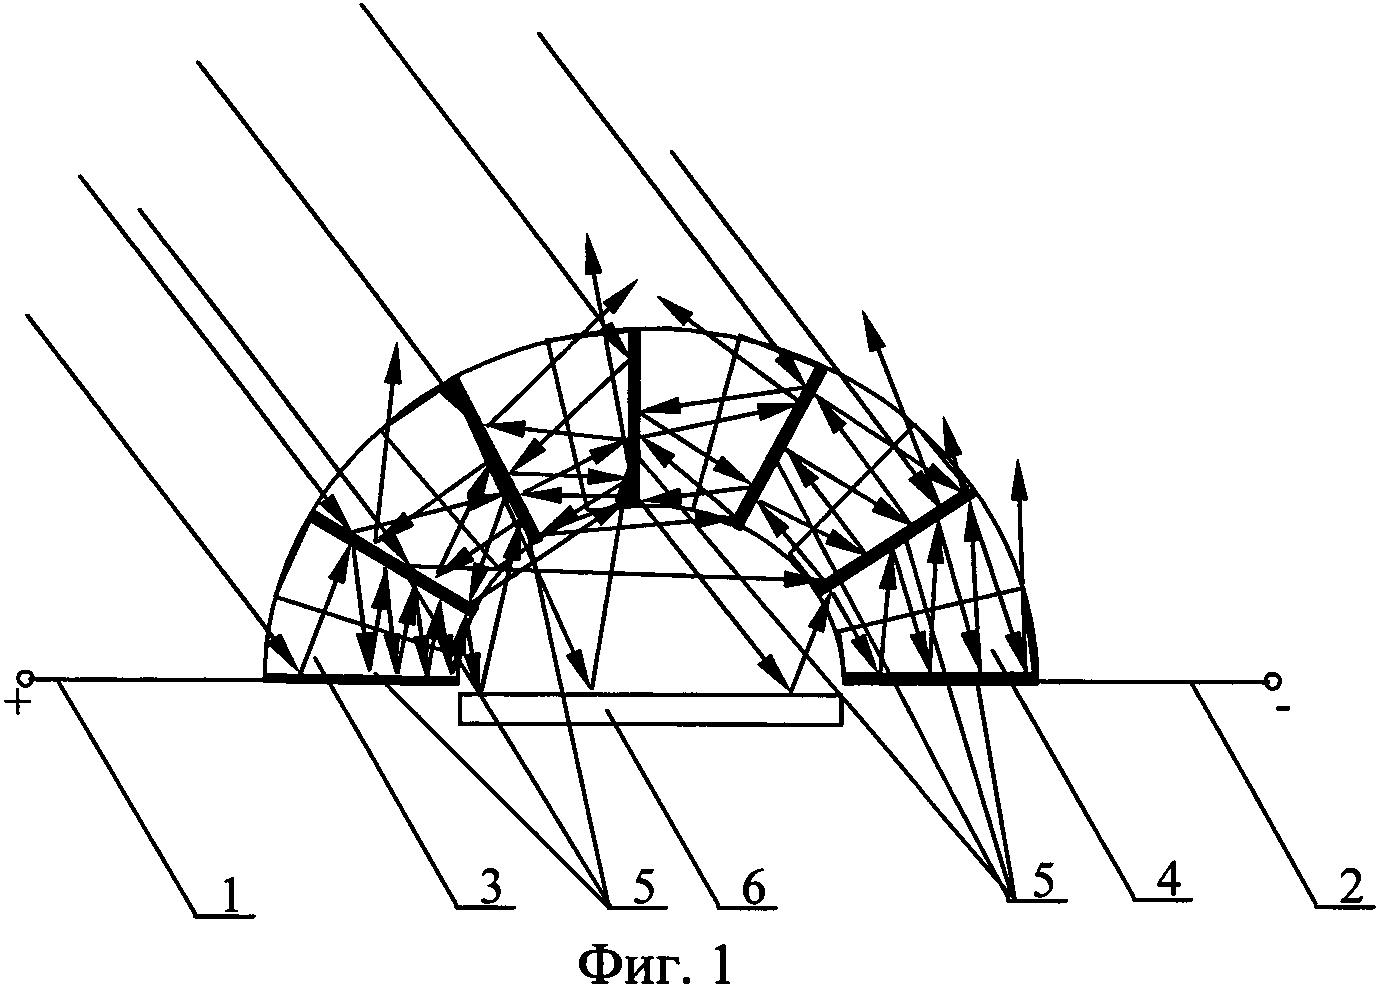 Концентратор лучей для солнечной батареи с веерным расположением зеркальных отражающих электродов